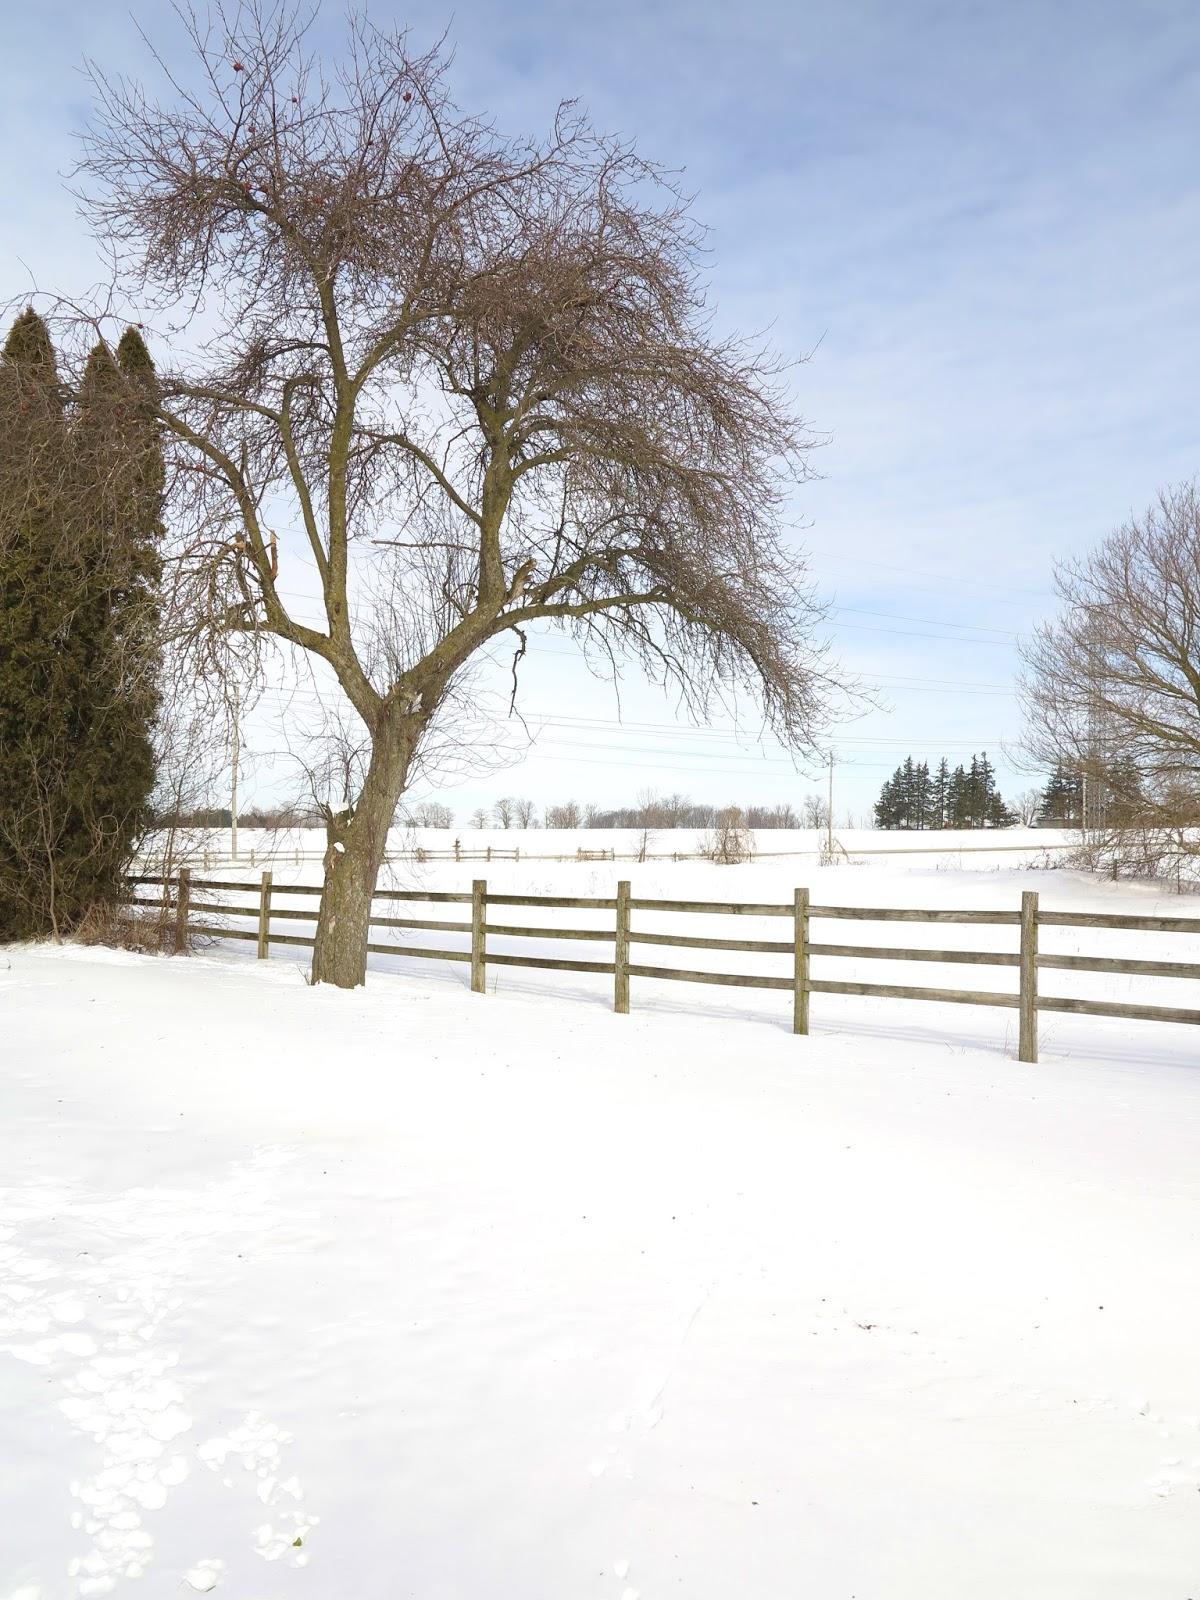 southwestern ontario farm